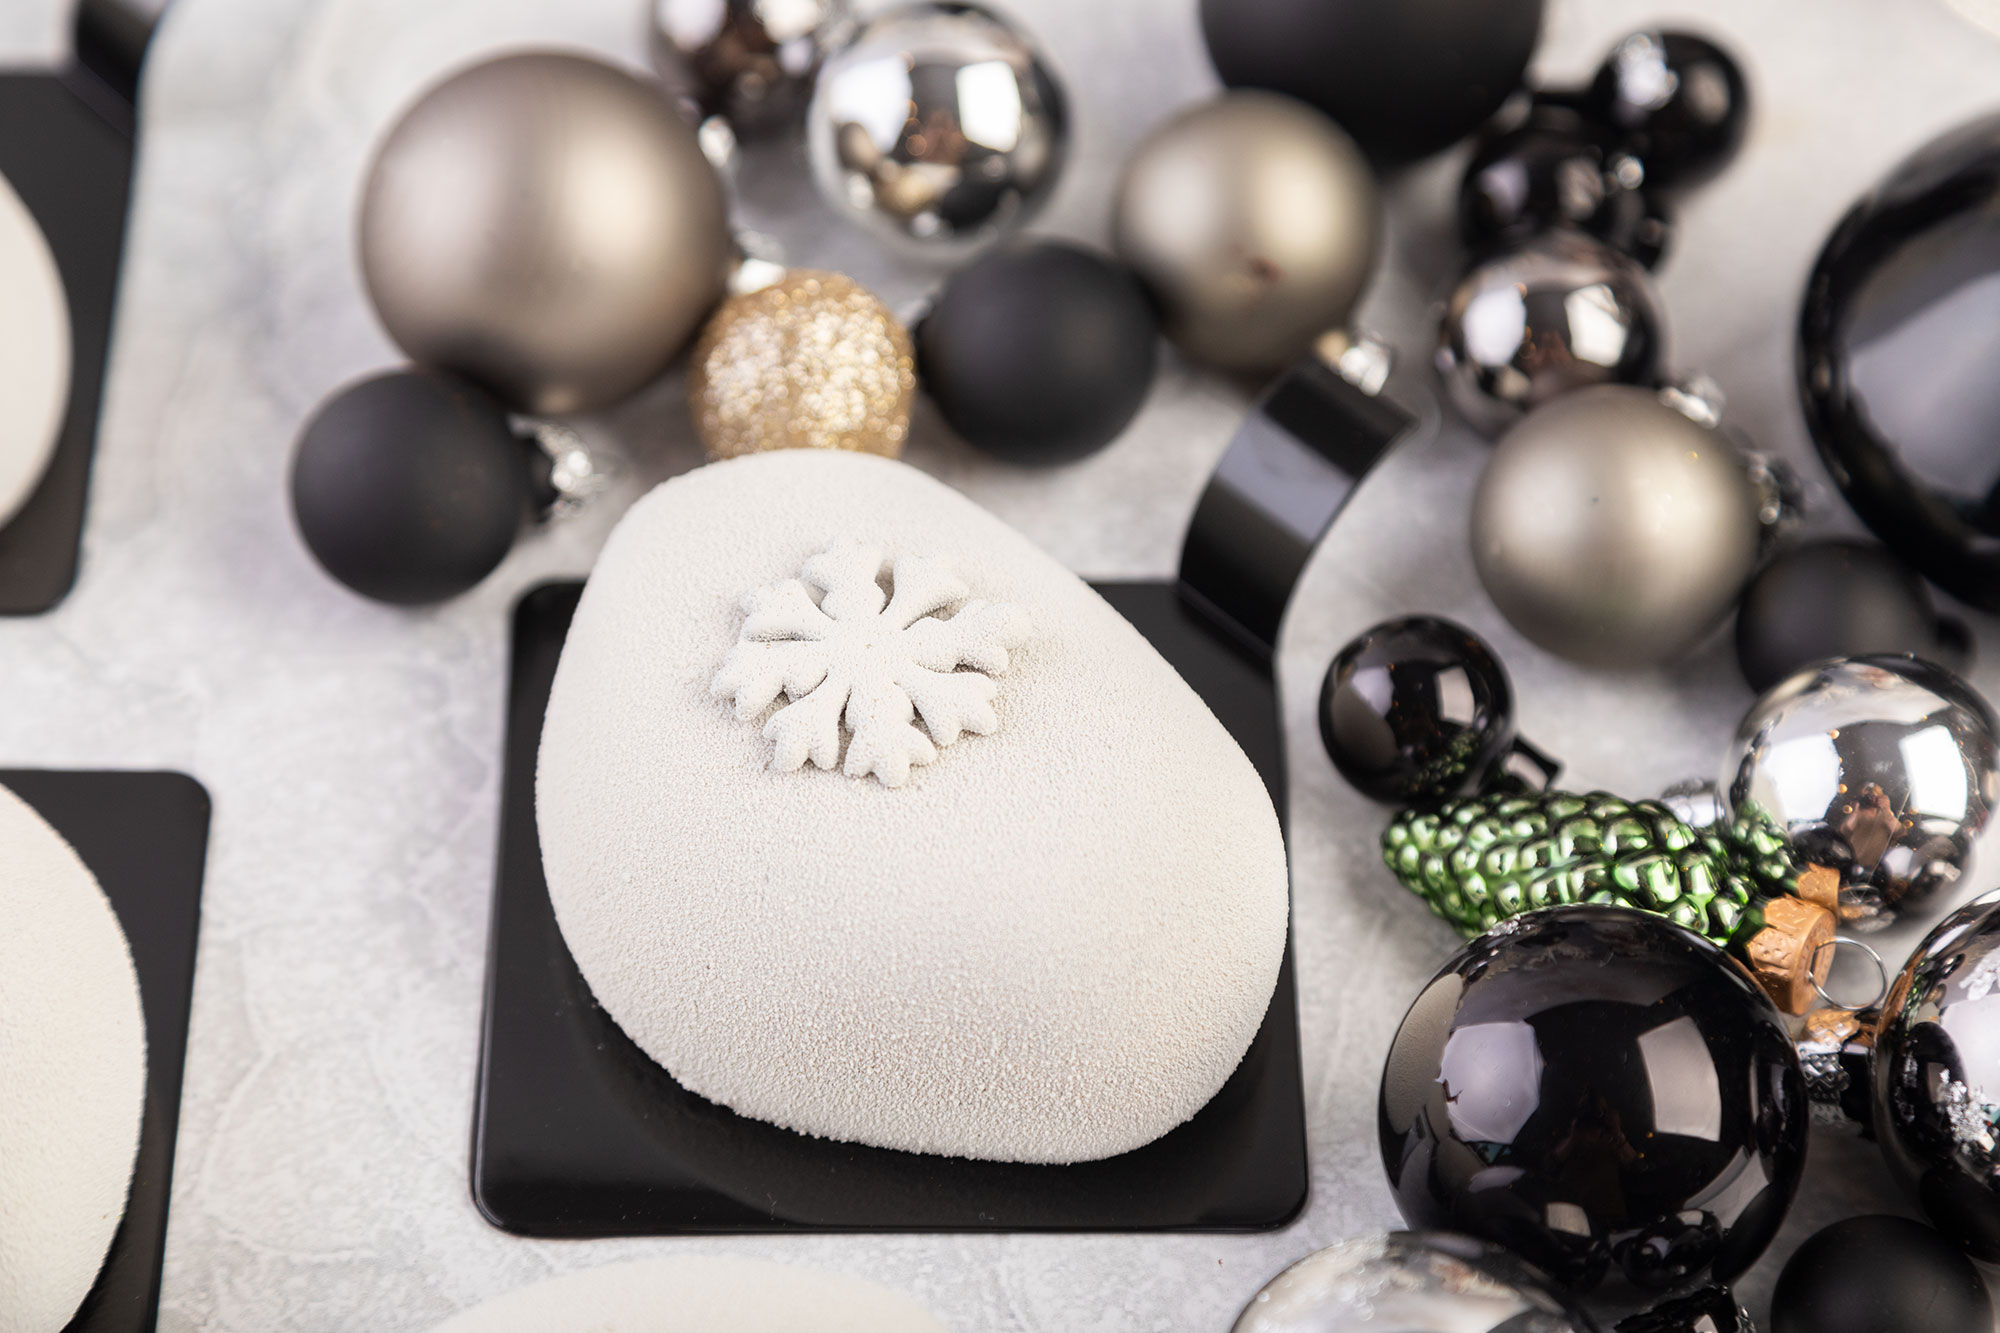 oferta świąteczna DESEO, ciastka DESEO, ciastka świąteczne DESEO, Santa Poppy